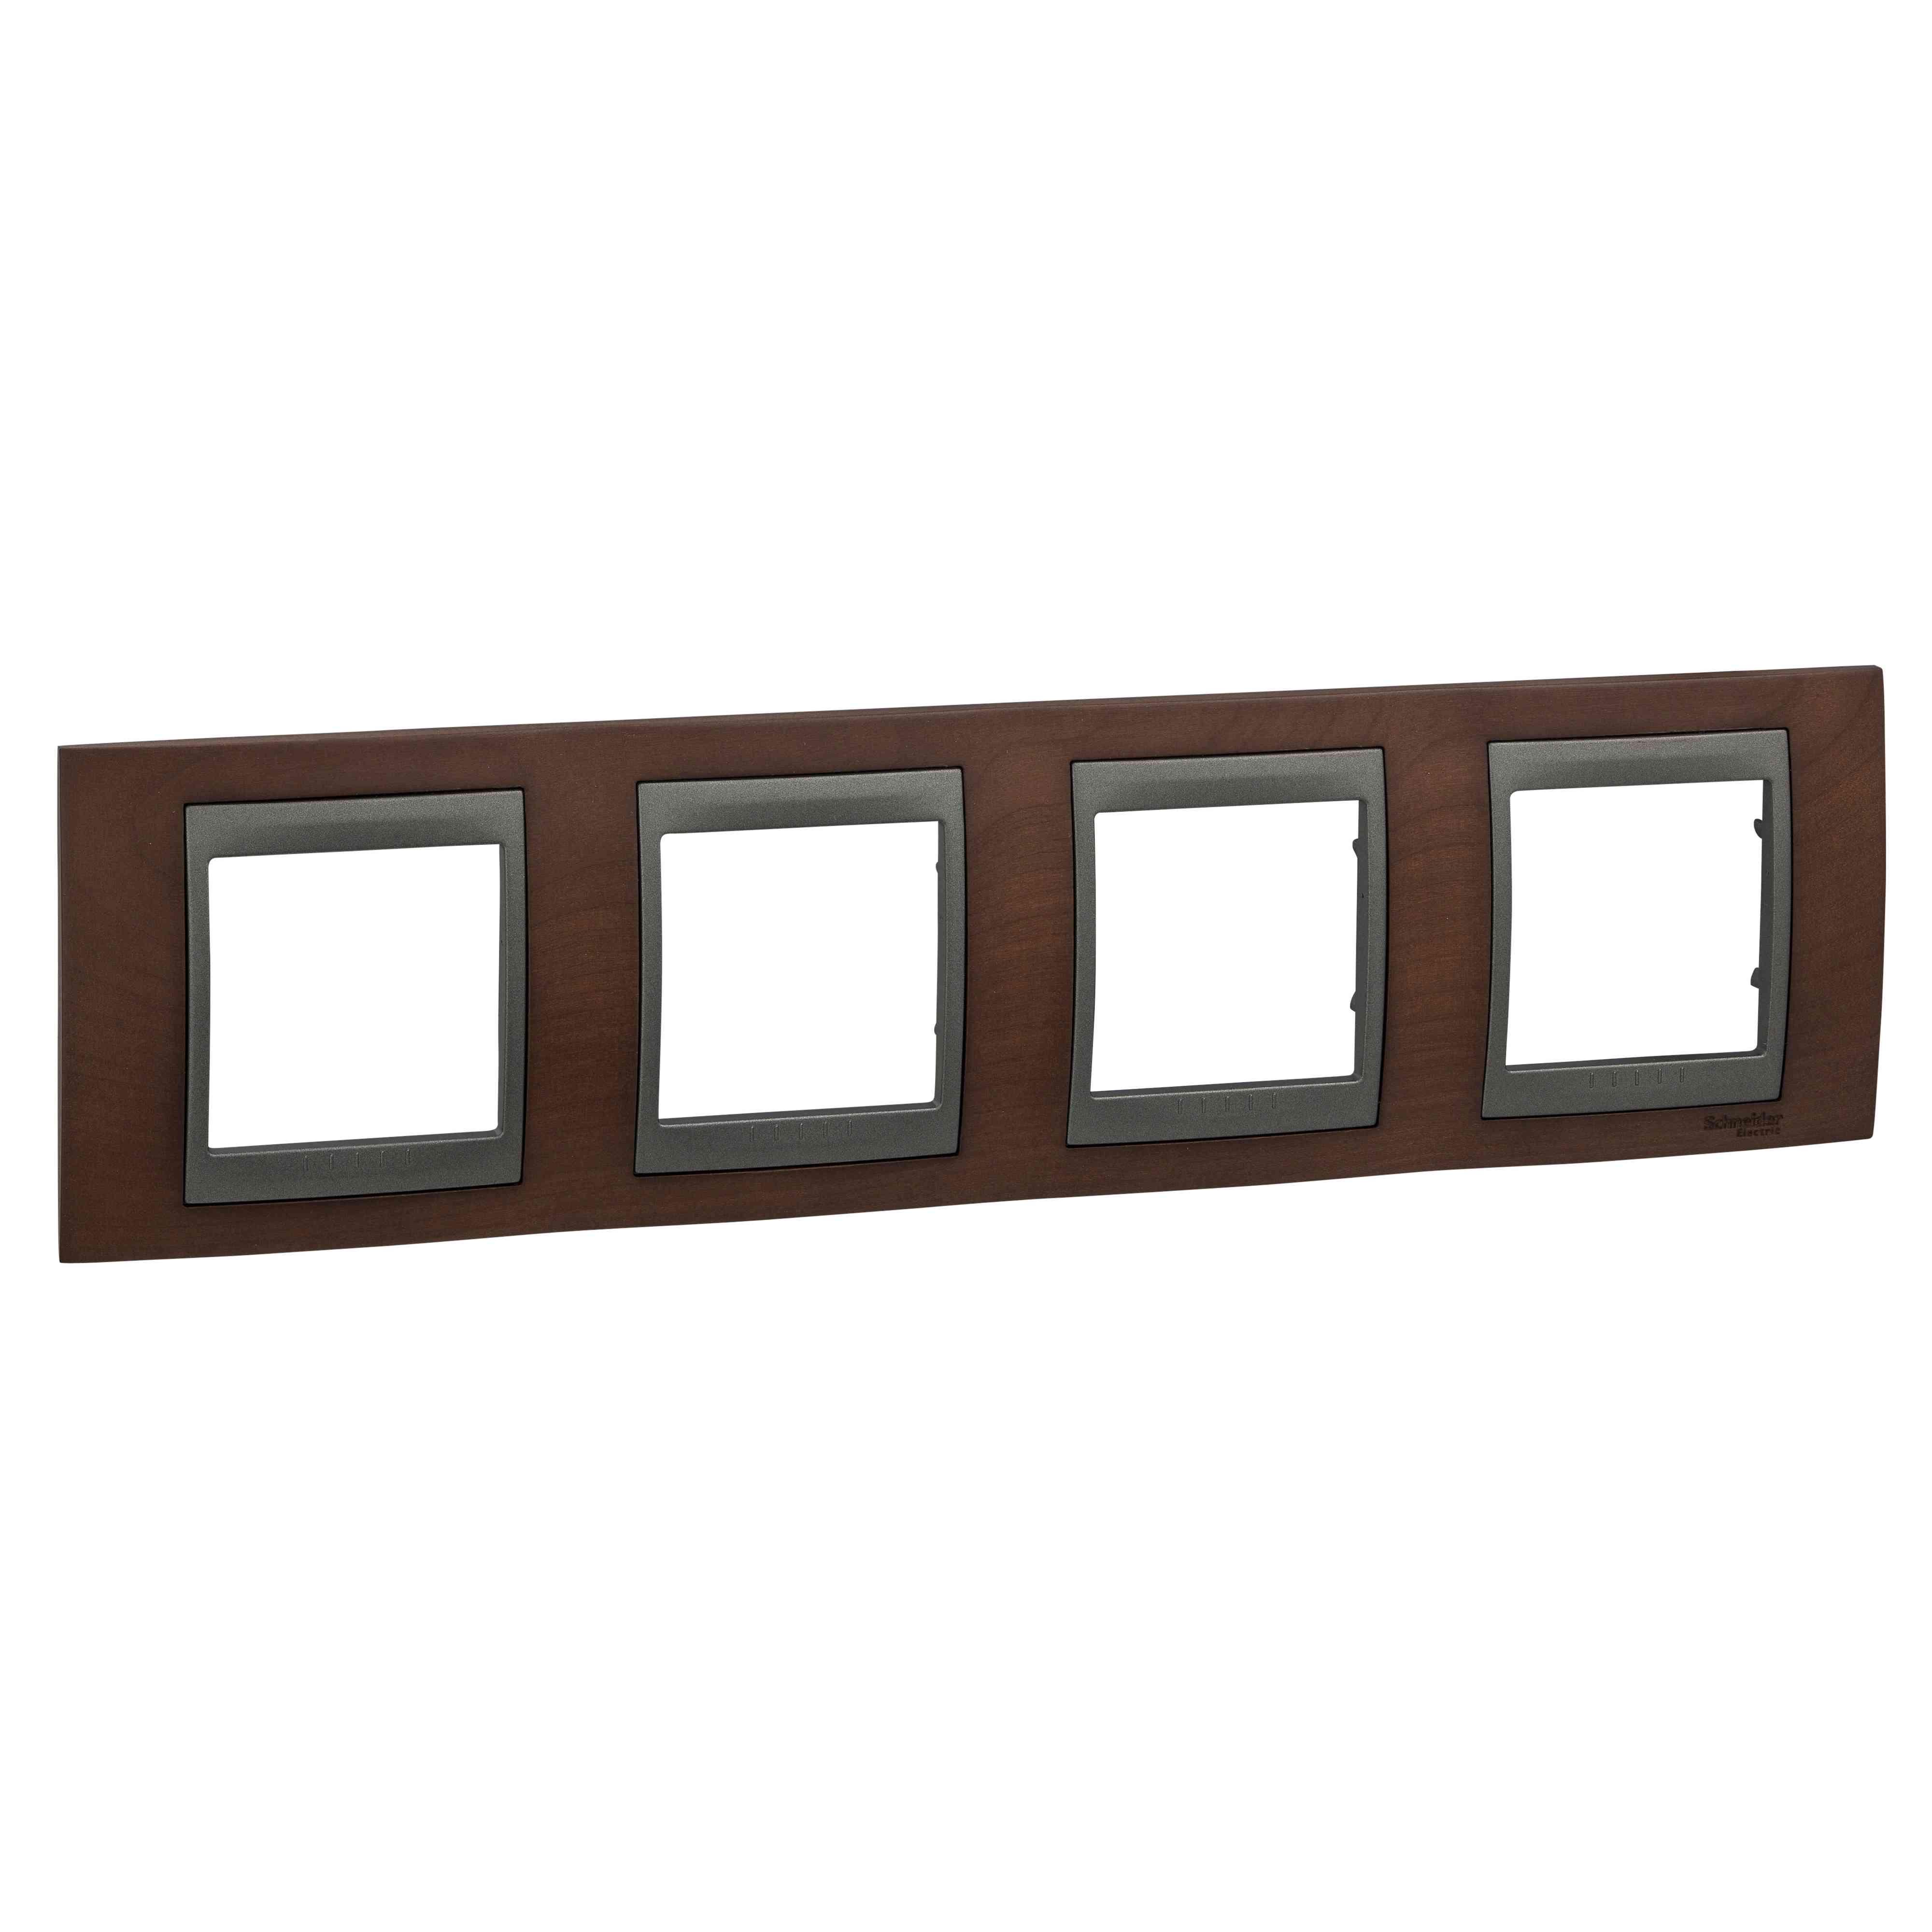 Unica Top - dekorativni okvir - 4 odprtine, H71 - b. tobaka/grafita